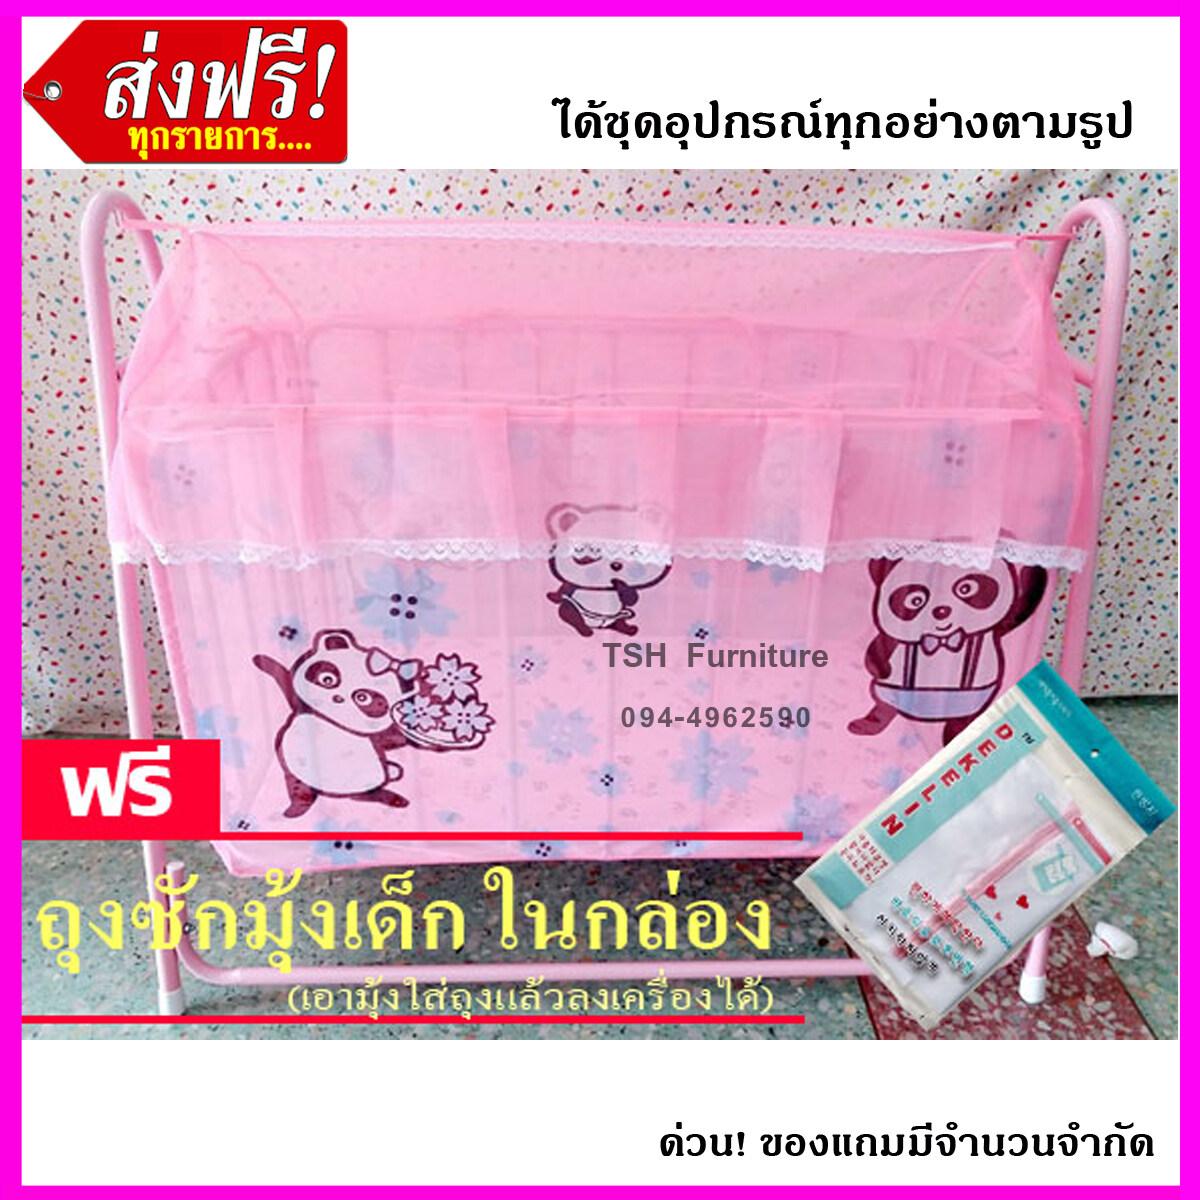 รีวิว TSH เปลเด็ก เปลลูกกรง พร้อมถุงซักมุ้ง เปลเด็ก เปลไกว เตียงเด็กอ่อน เปลเด็กอ่อน เปลลูกกรง เตียงเด็กอ่อน รุ่น B101 สำหรับเด็กทารกแรกเกิด ถึง 2.5 ขวบ แถมฟรี มุ้งกันยุง พร้อมที่นอน ในกล่อง